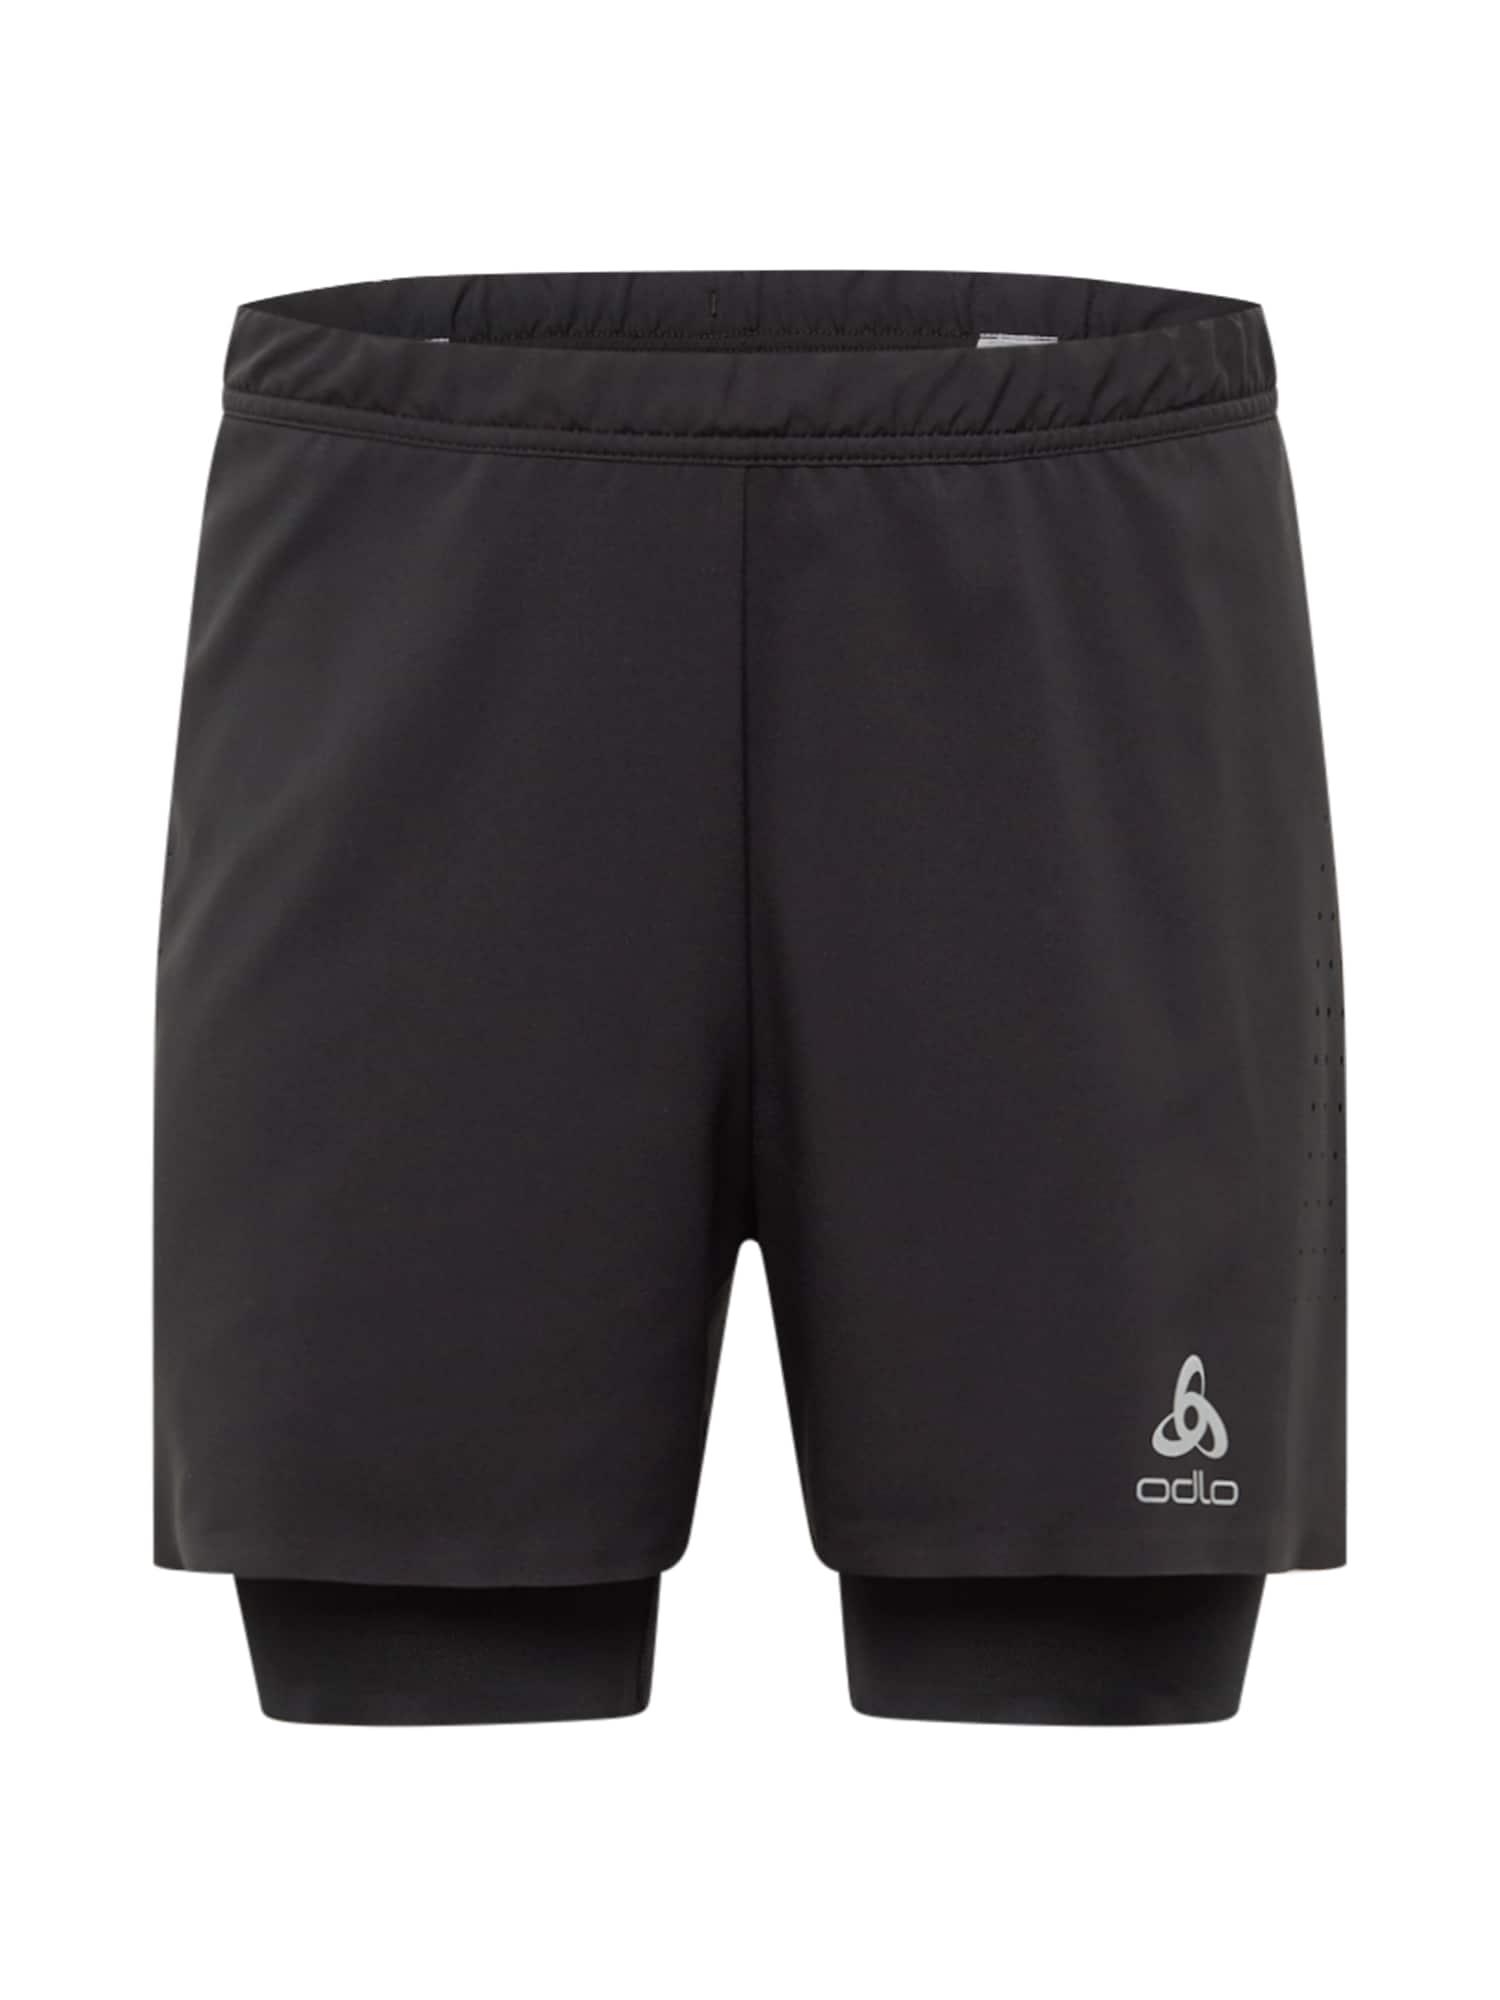 ODLO Sportinės kelnės juoda / sidabro pilka